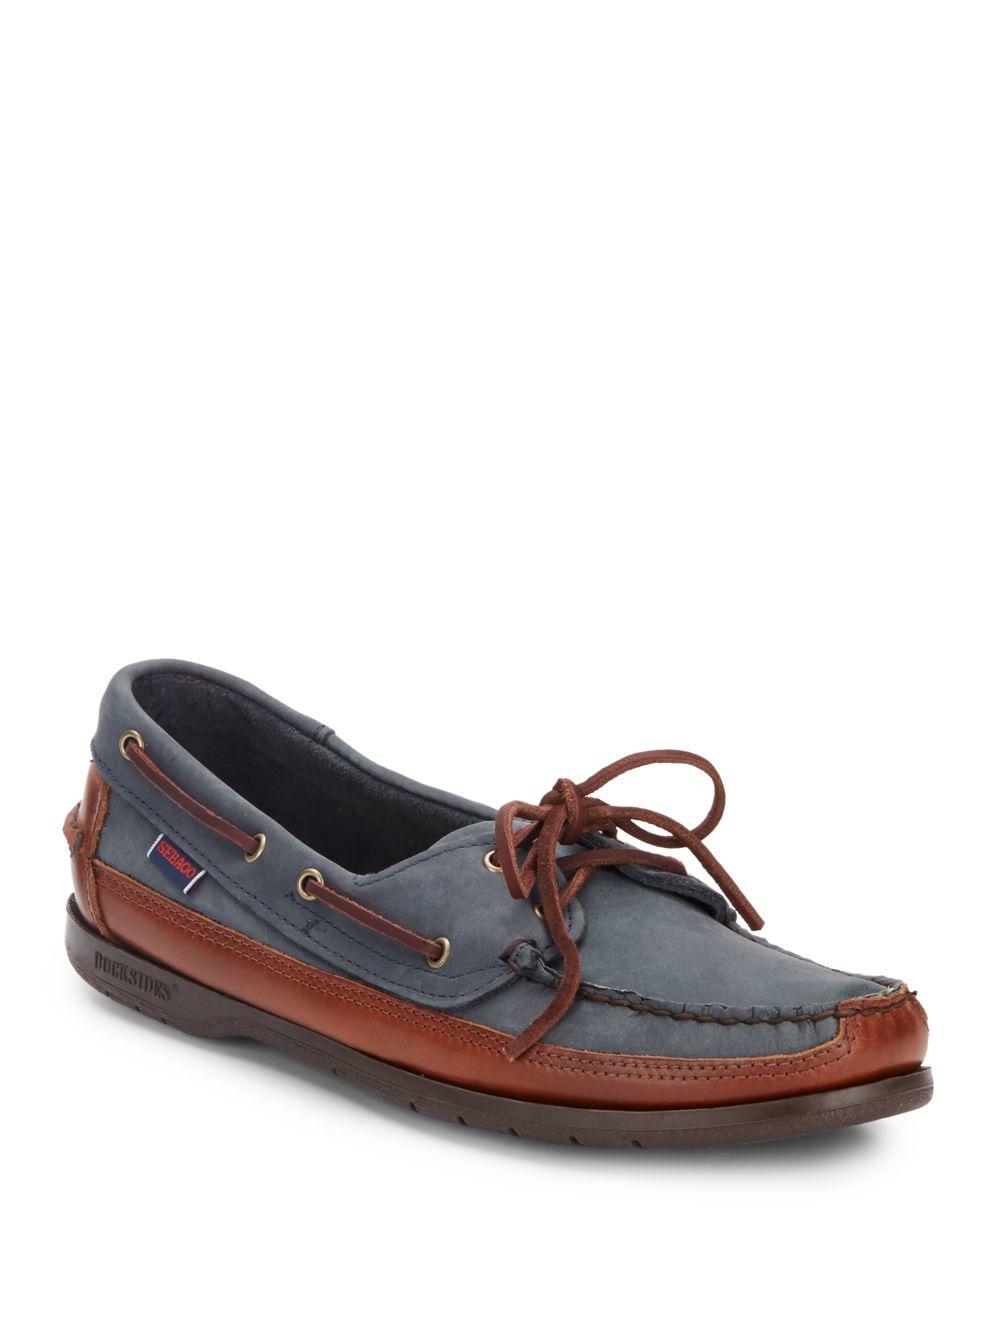 Sebago Boat Shoes Australia